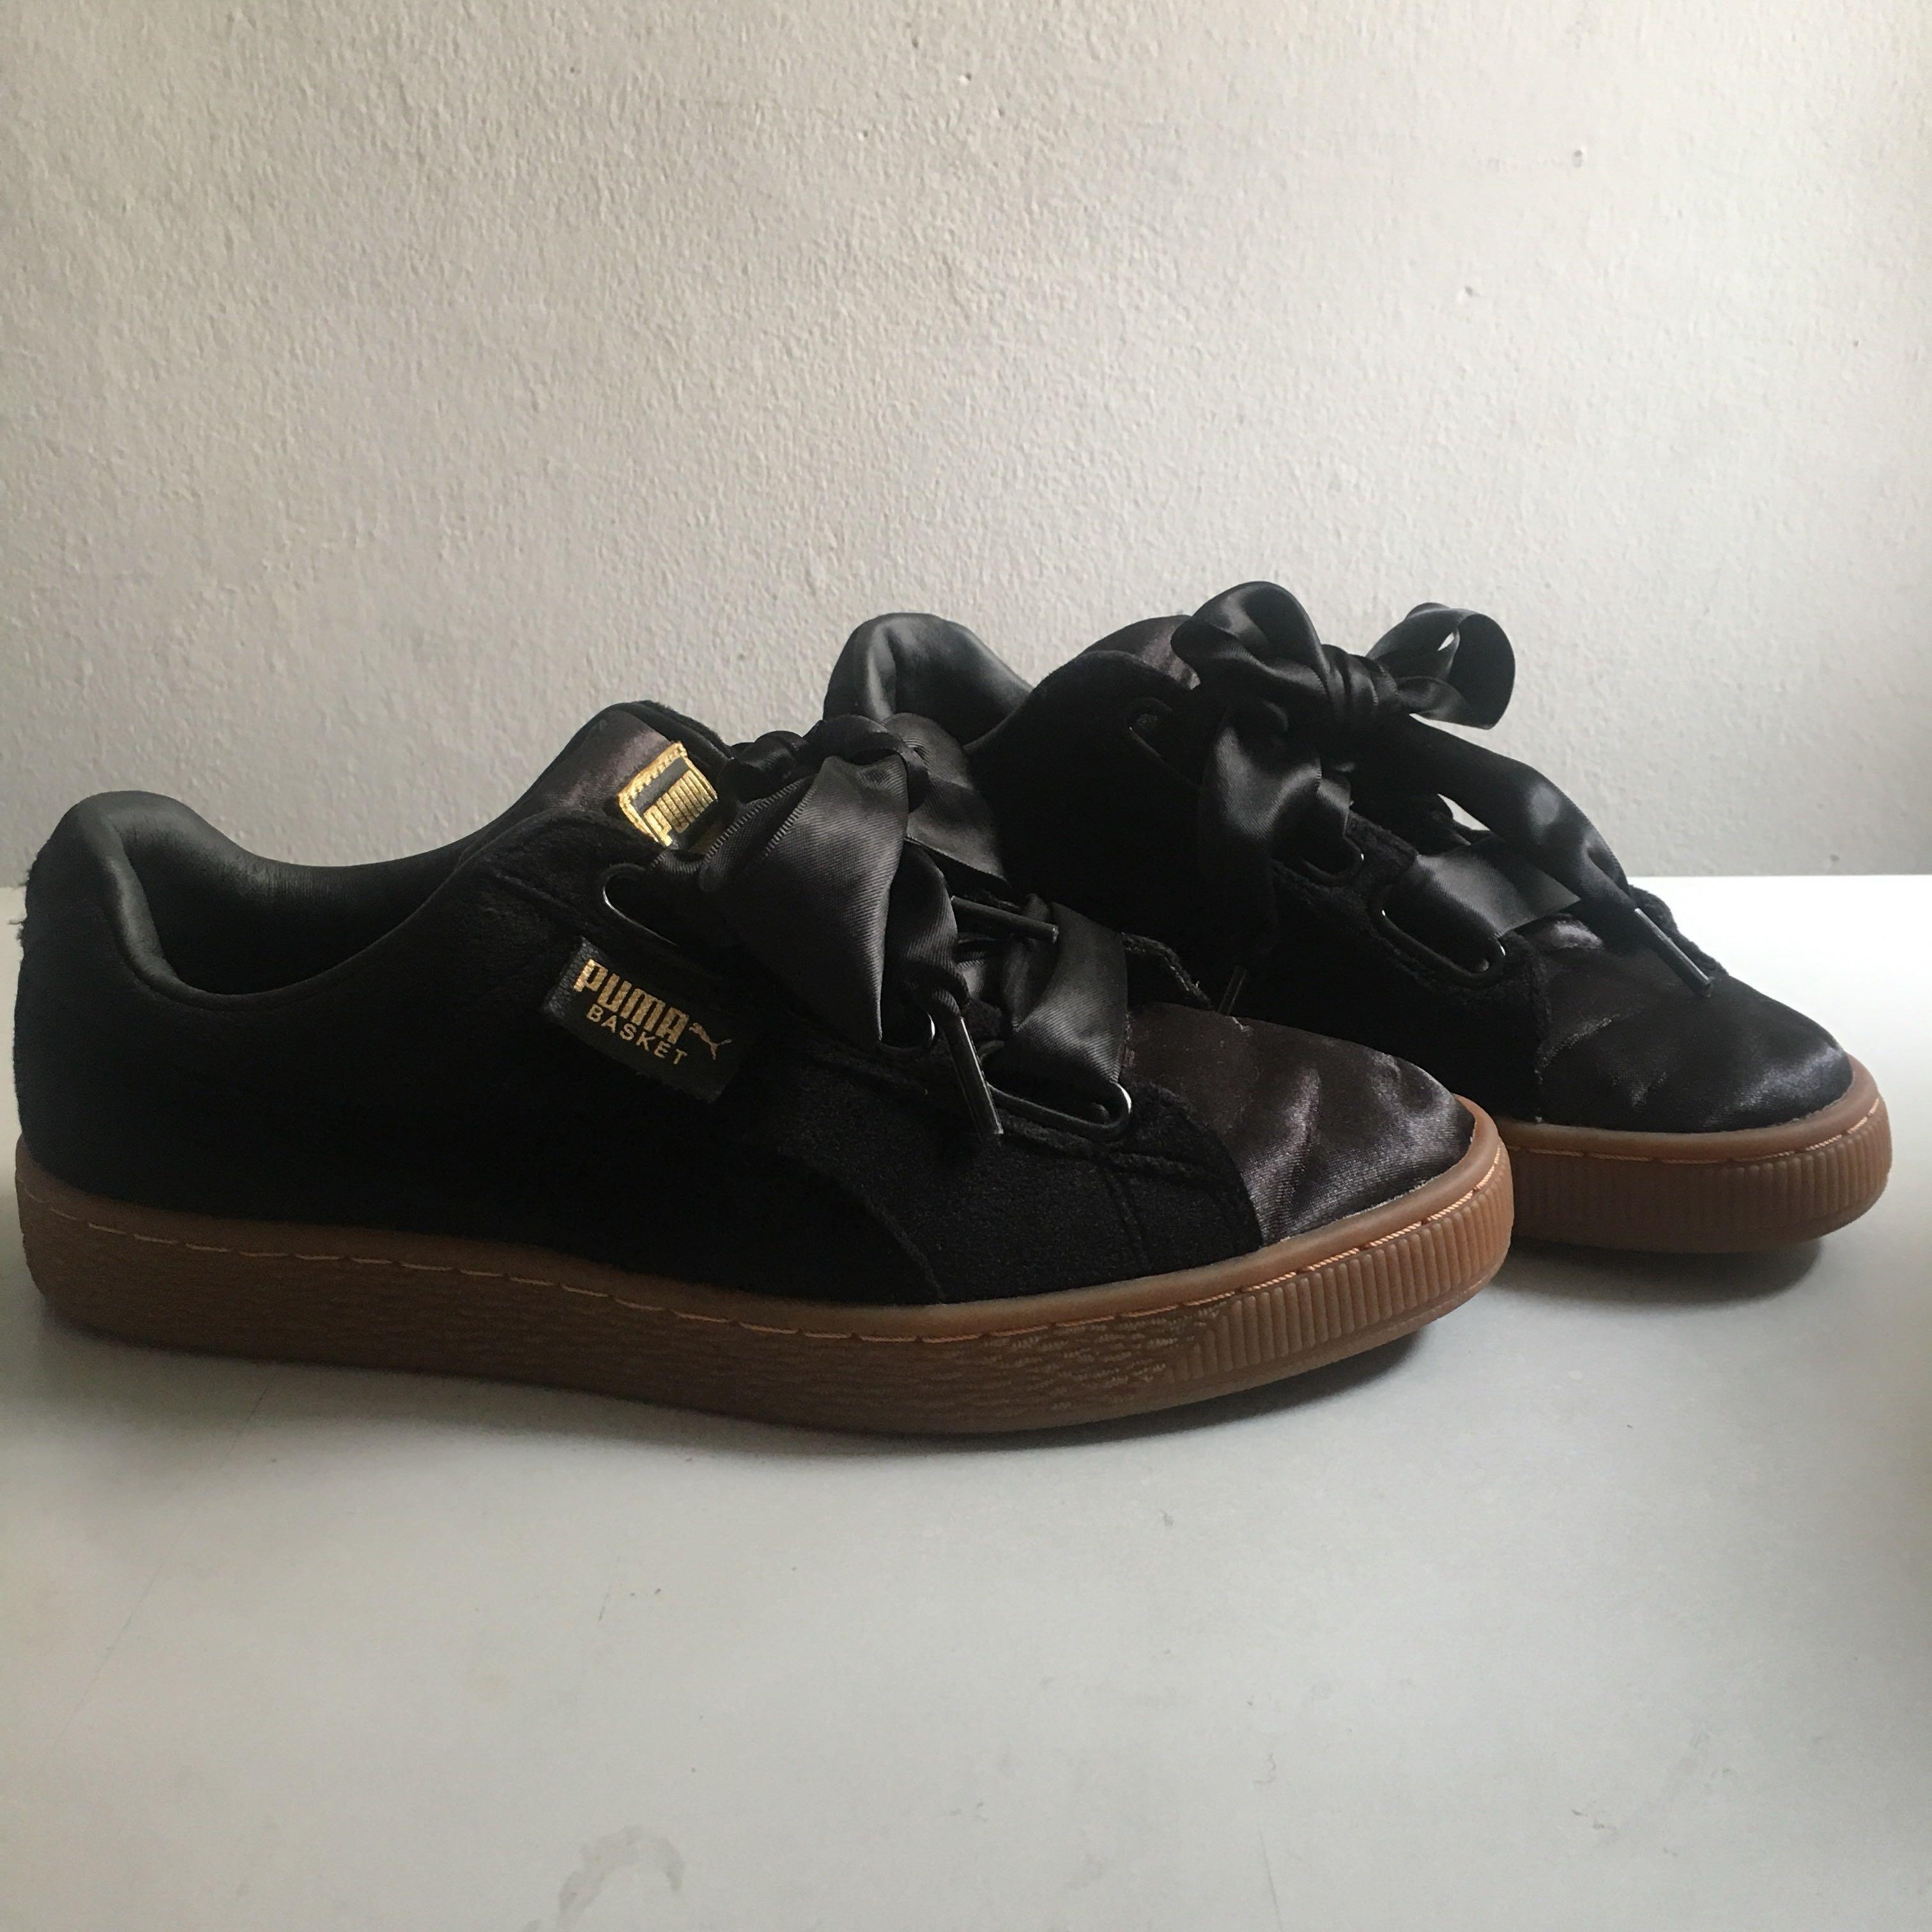 Puma Basket Heart Velvet Sneakers Black